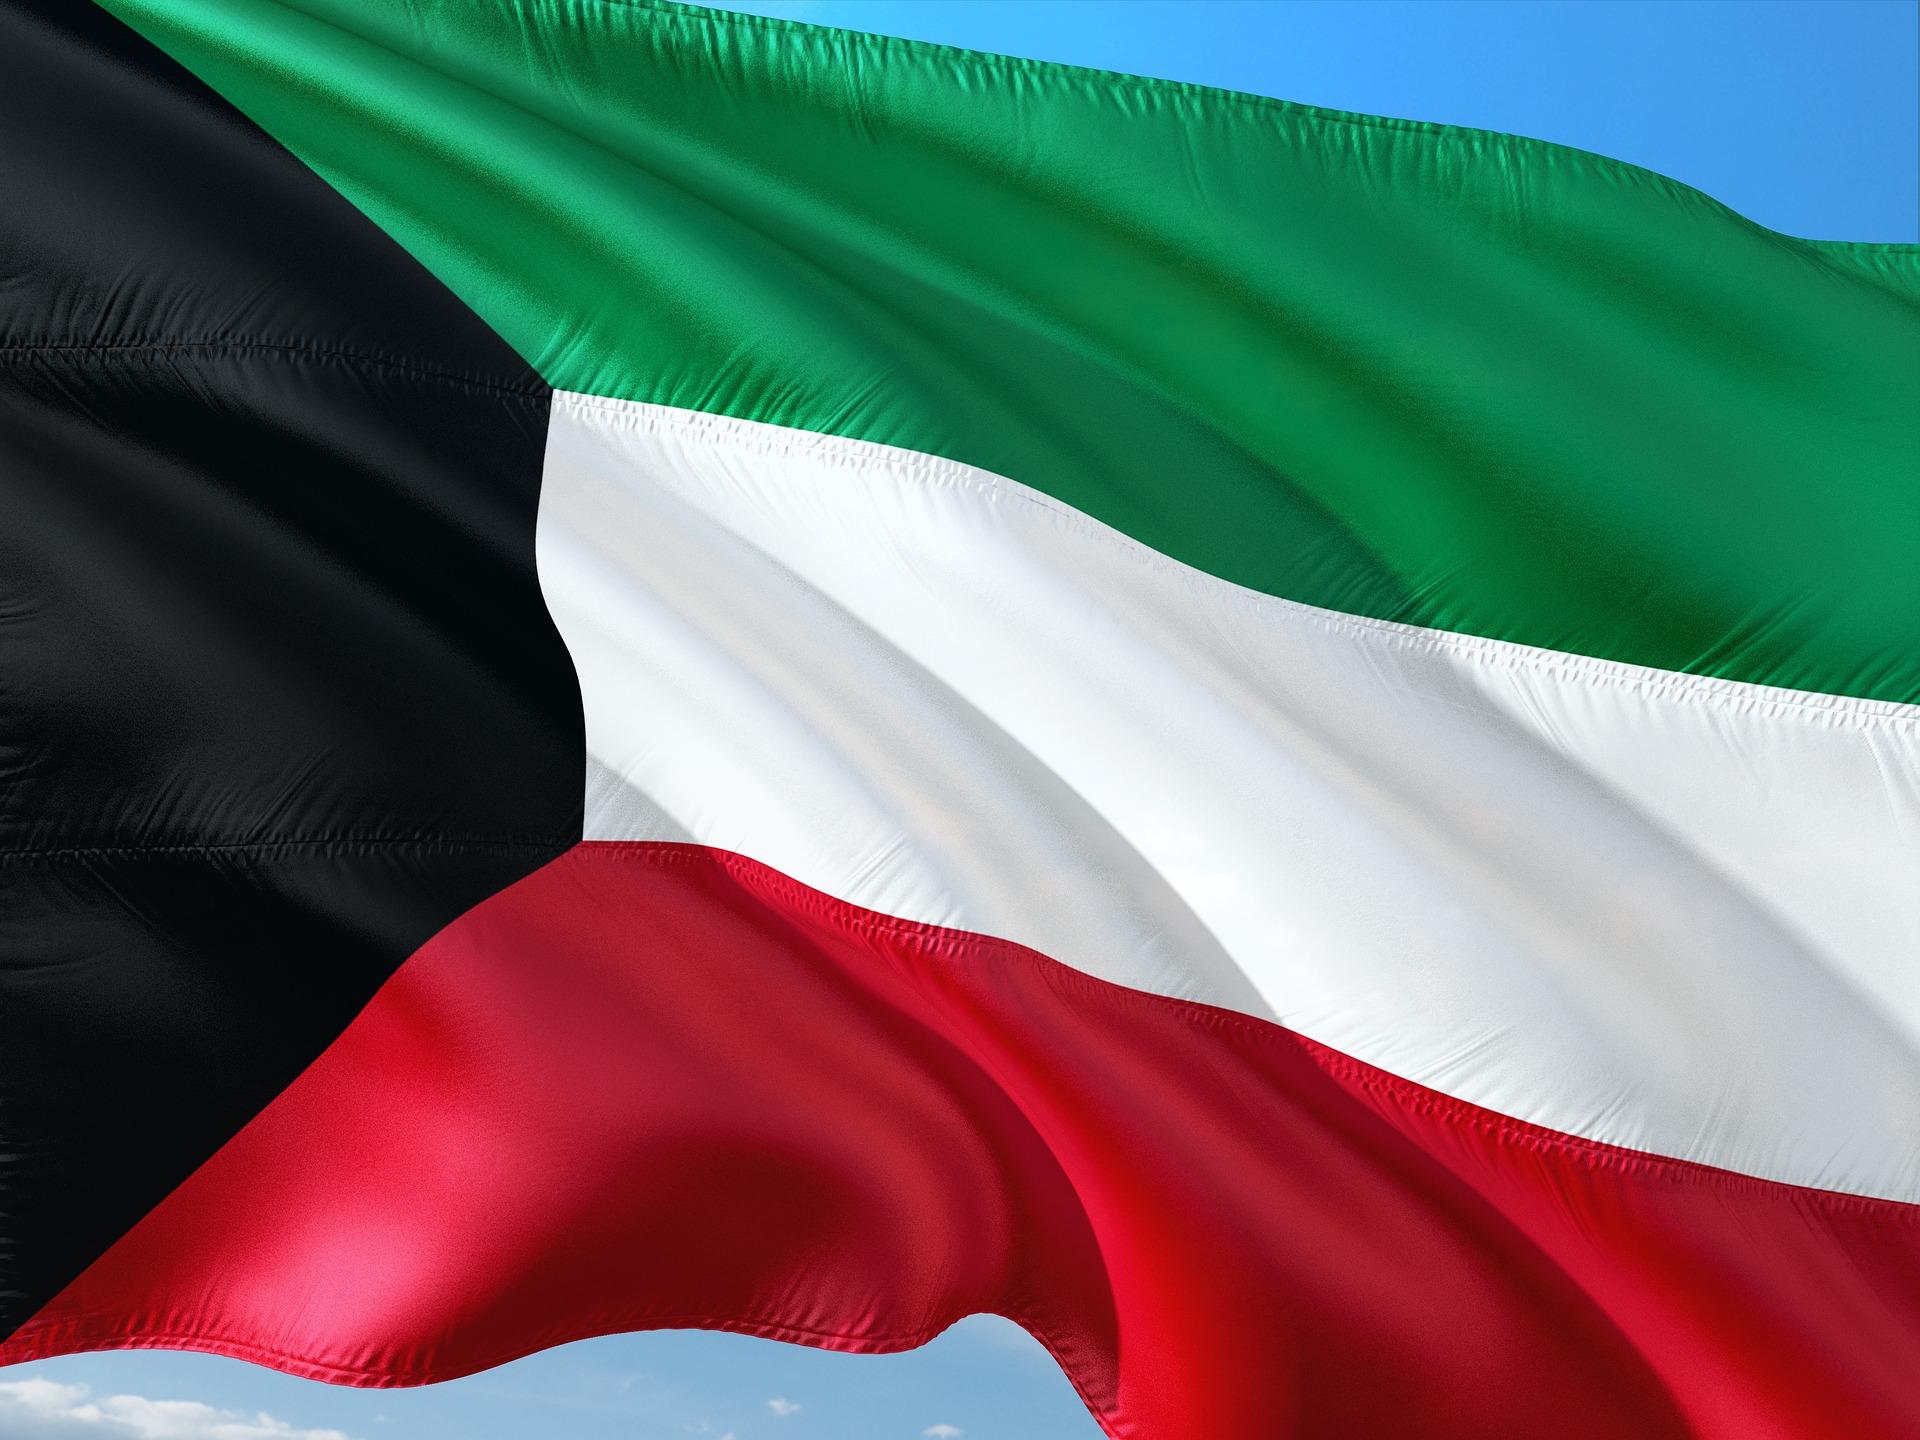 إعادة فتح المنافذ البرية والمطارات في دولة الكويت